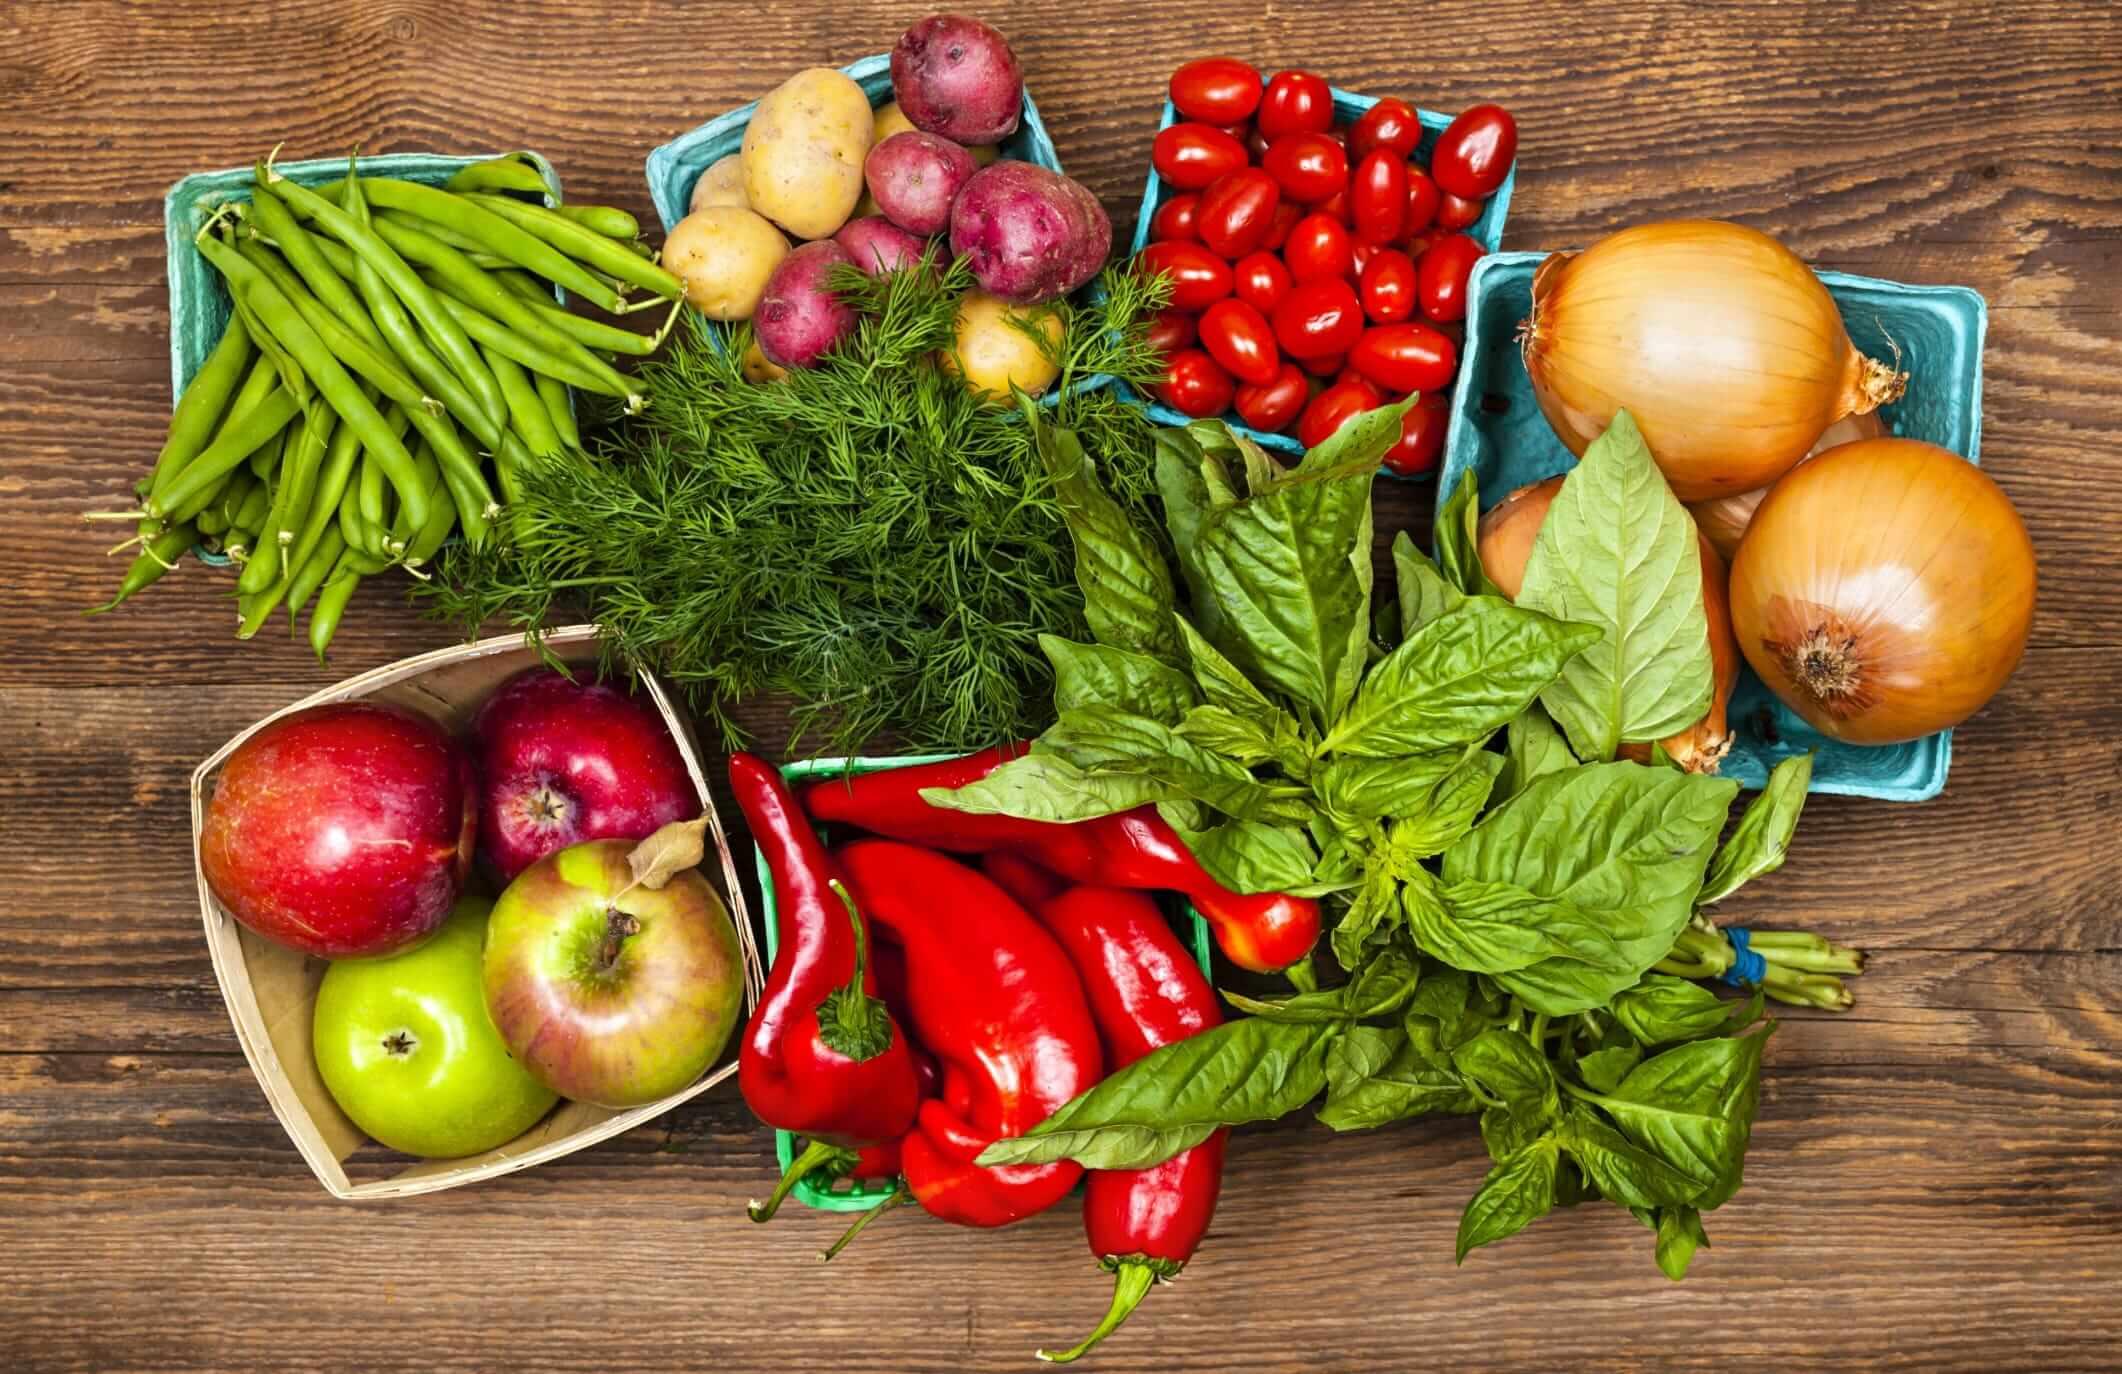 Verdura, fa bene punto: tutti i falsi miti da sfatare sul cibo che dovremmo mangiare ogni giorno